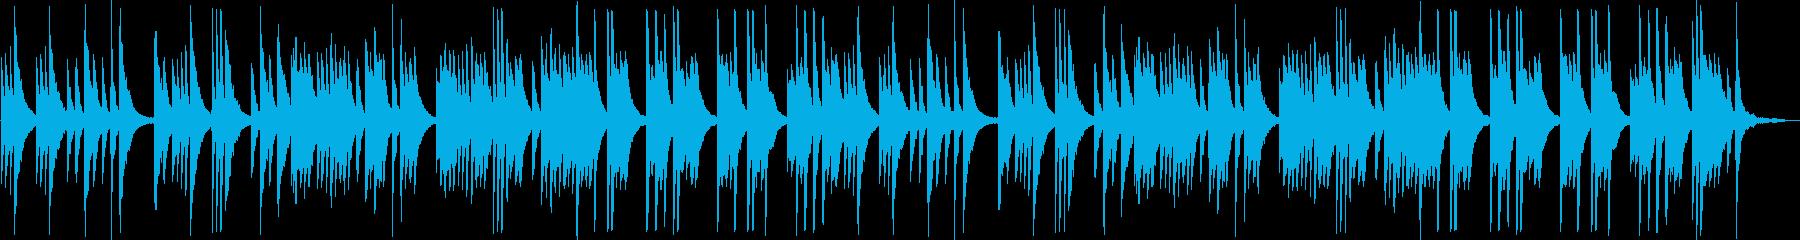 切ないピアノのラブバラードの再生済みの波形